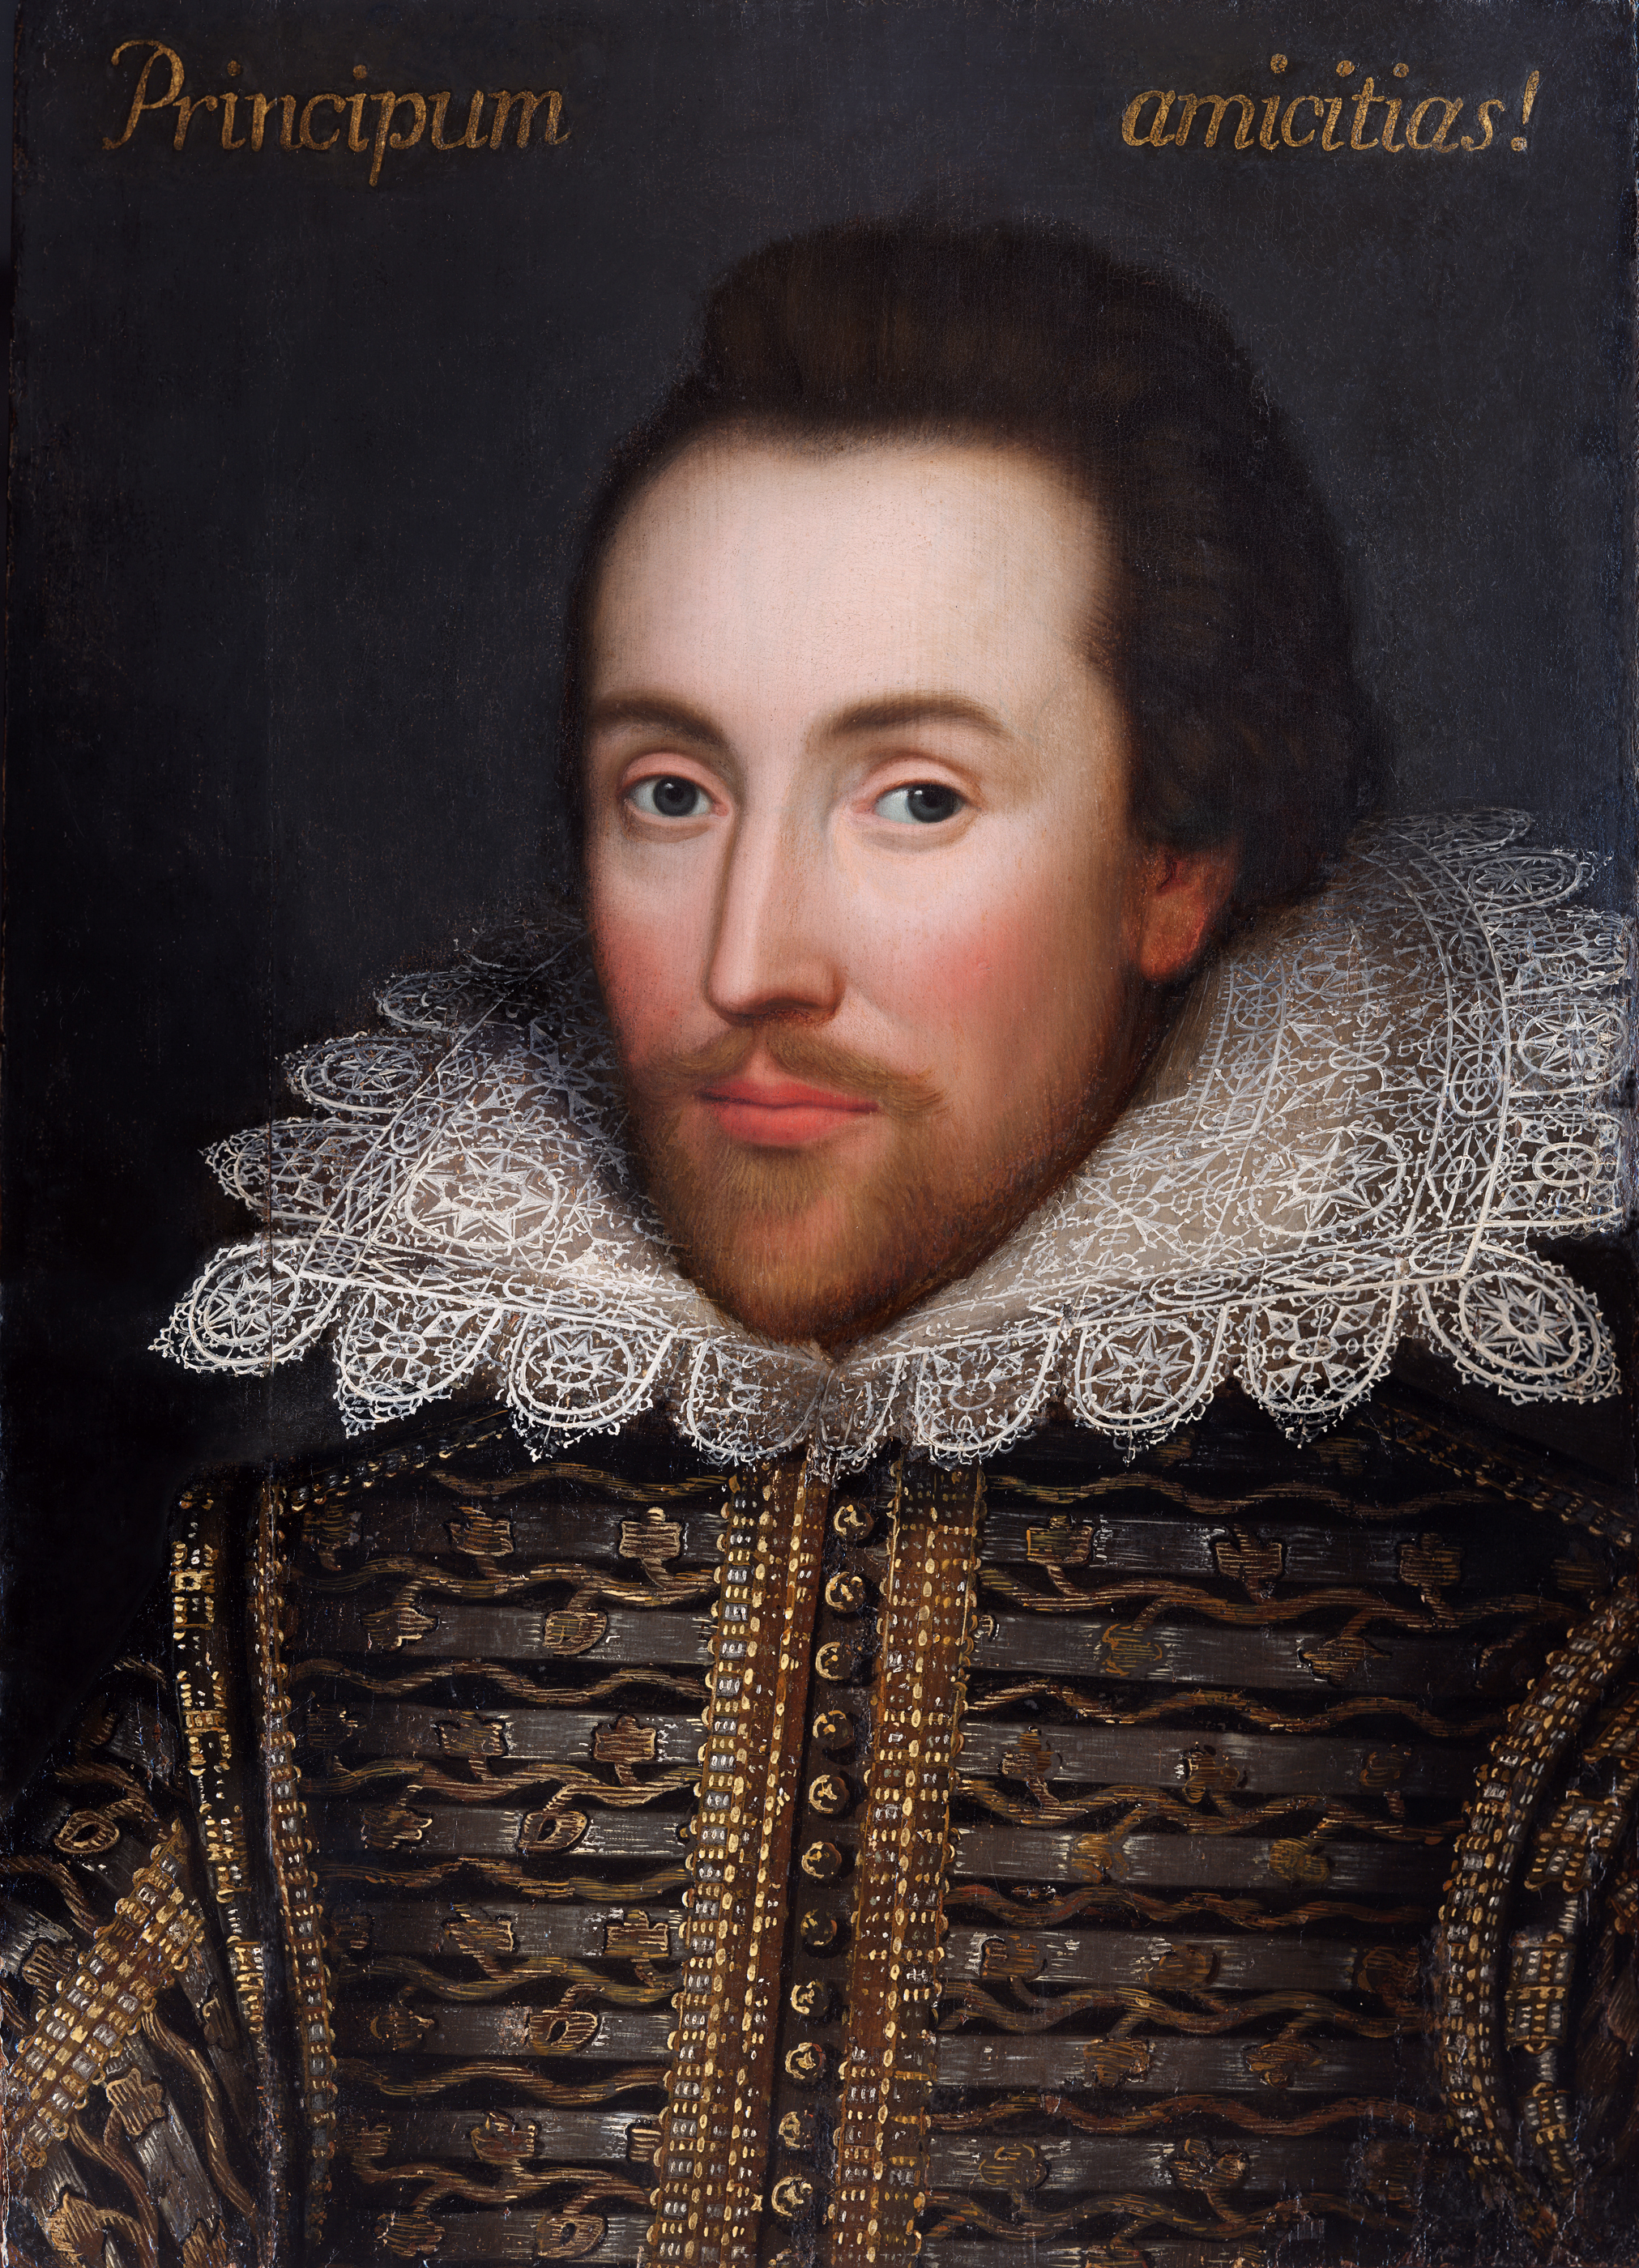 Le portrait controversé (Domaine public - Wikicommons)